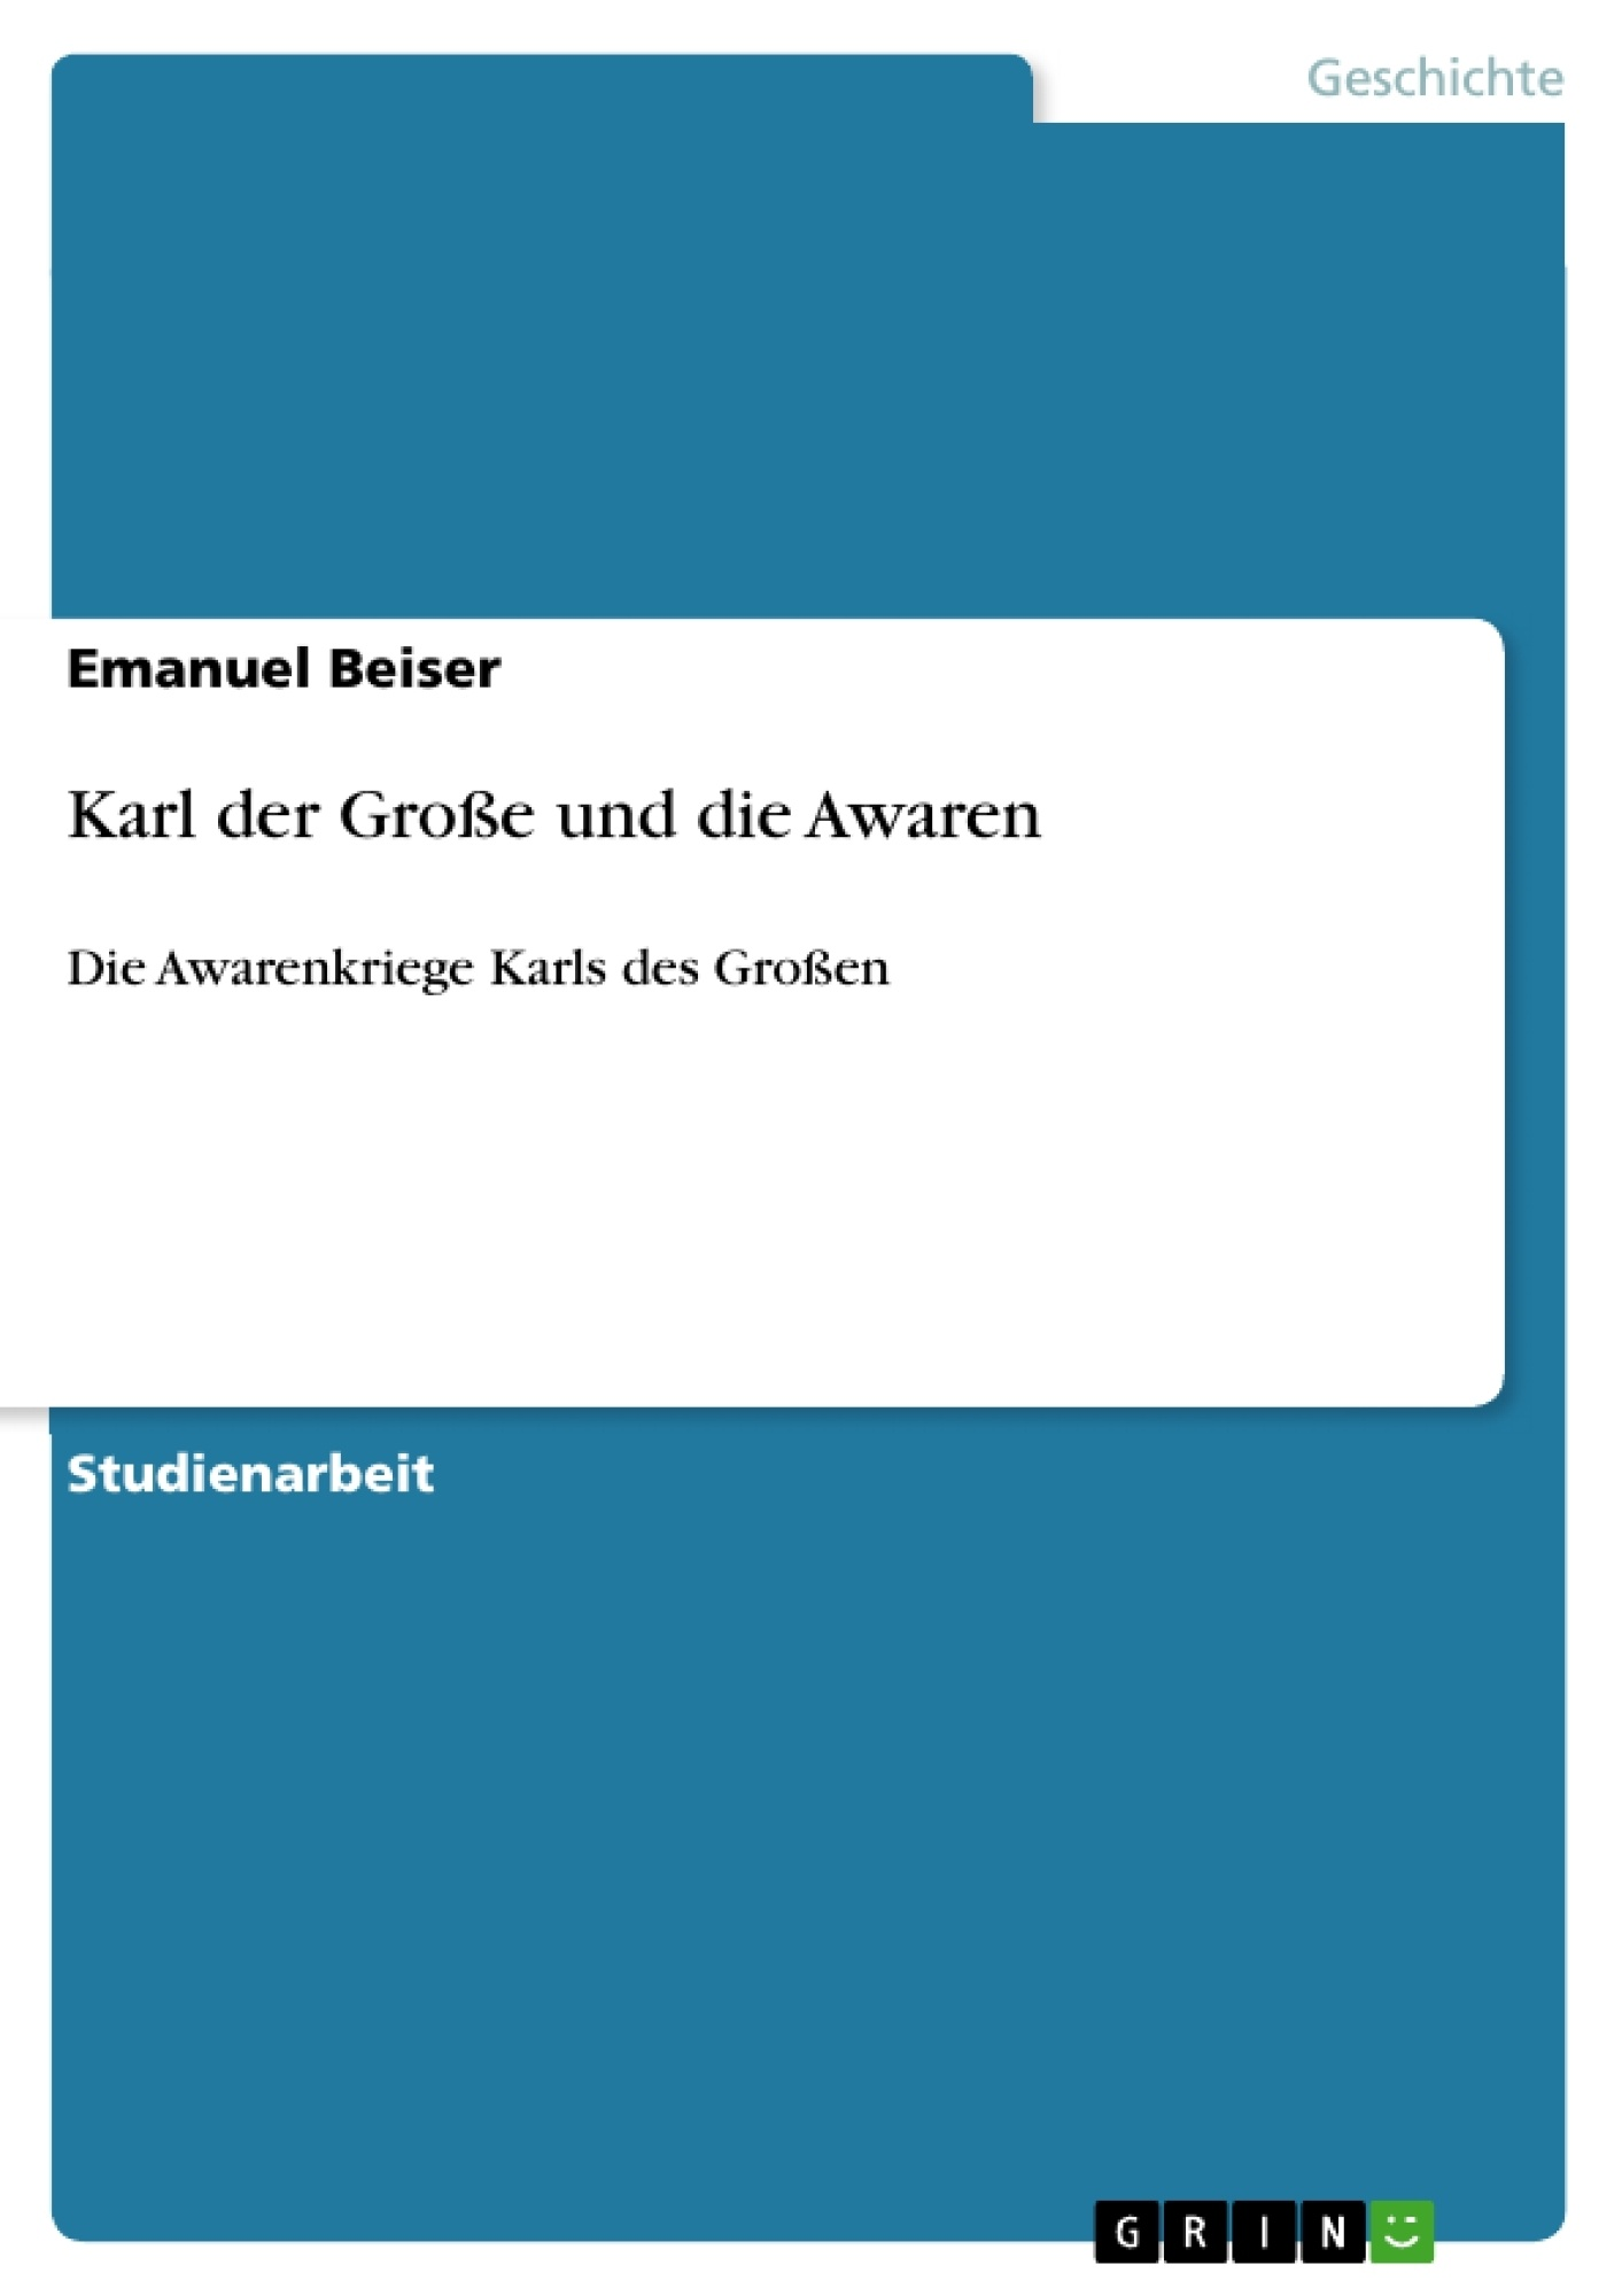 Titel: Karl der Große und die Awaren